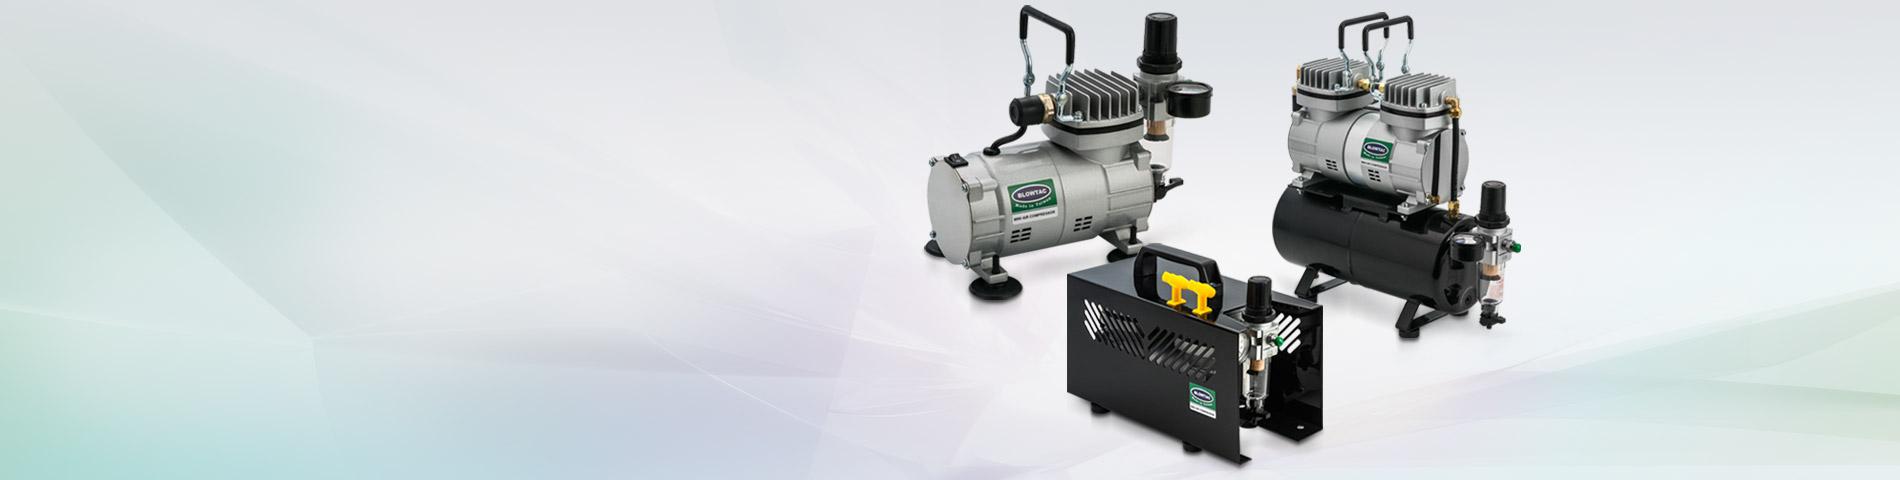 Chất lượng cao nhất Đảm bảo Tất cả các sản phẩm được sản xuất tại Đài Loan với nhãn hiệu CE